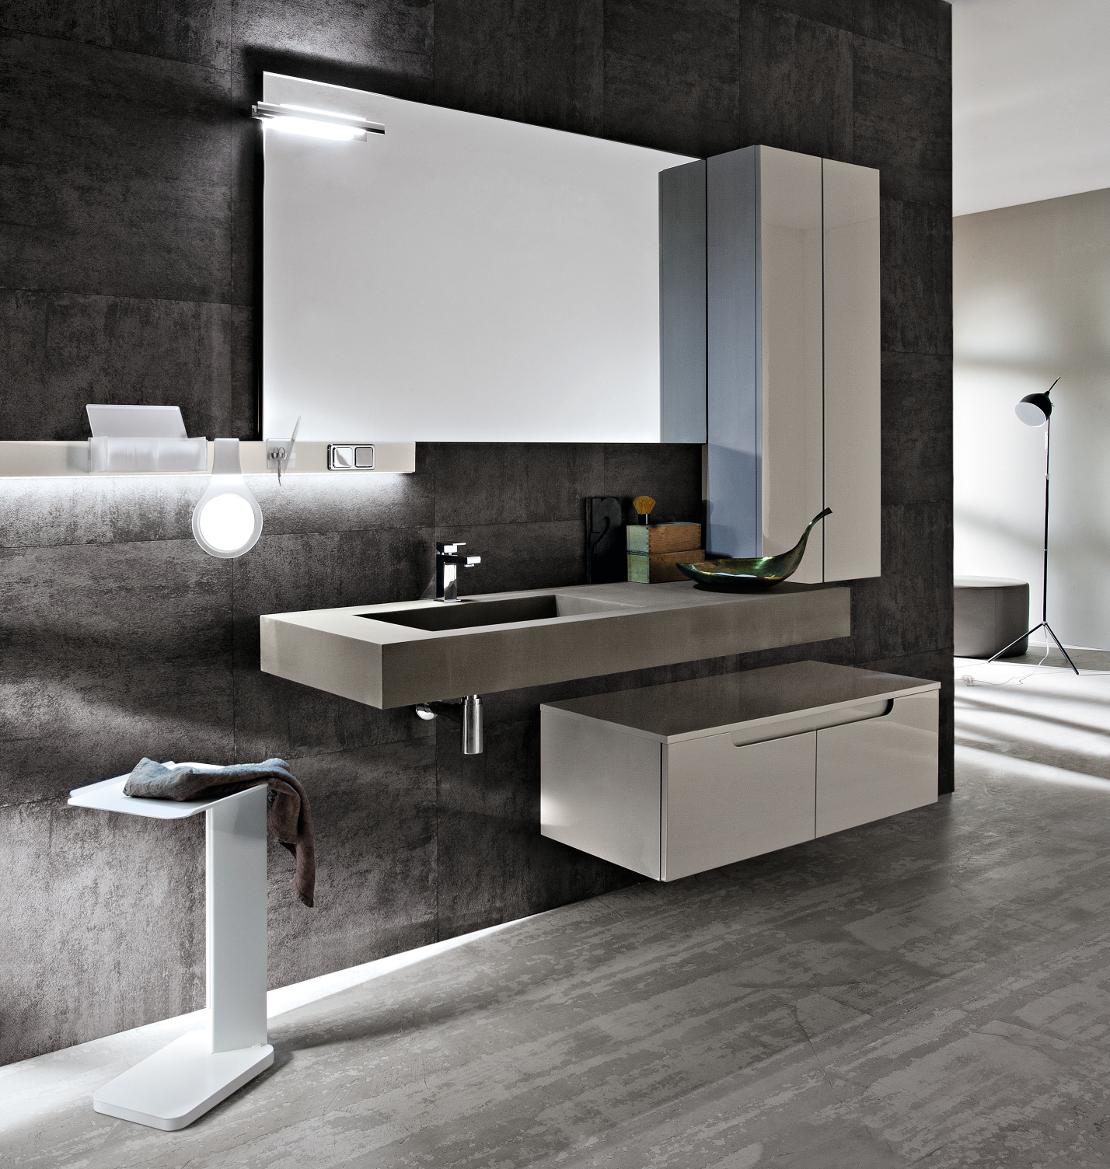 Mobili arredo bagno e lavanderia - Arredo bagno design moderno ...